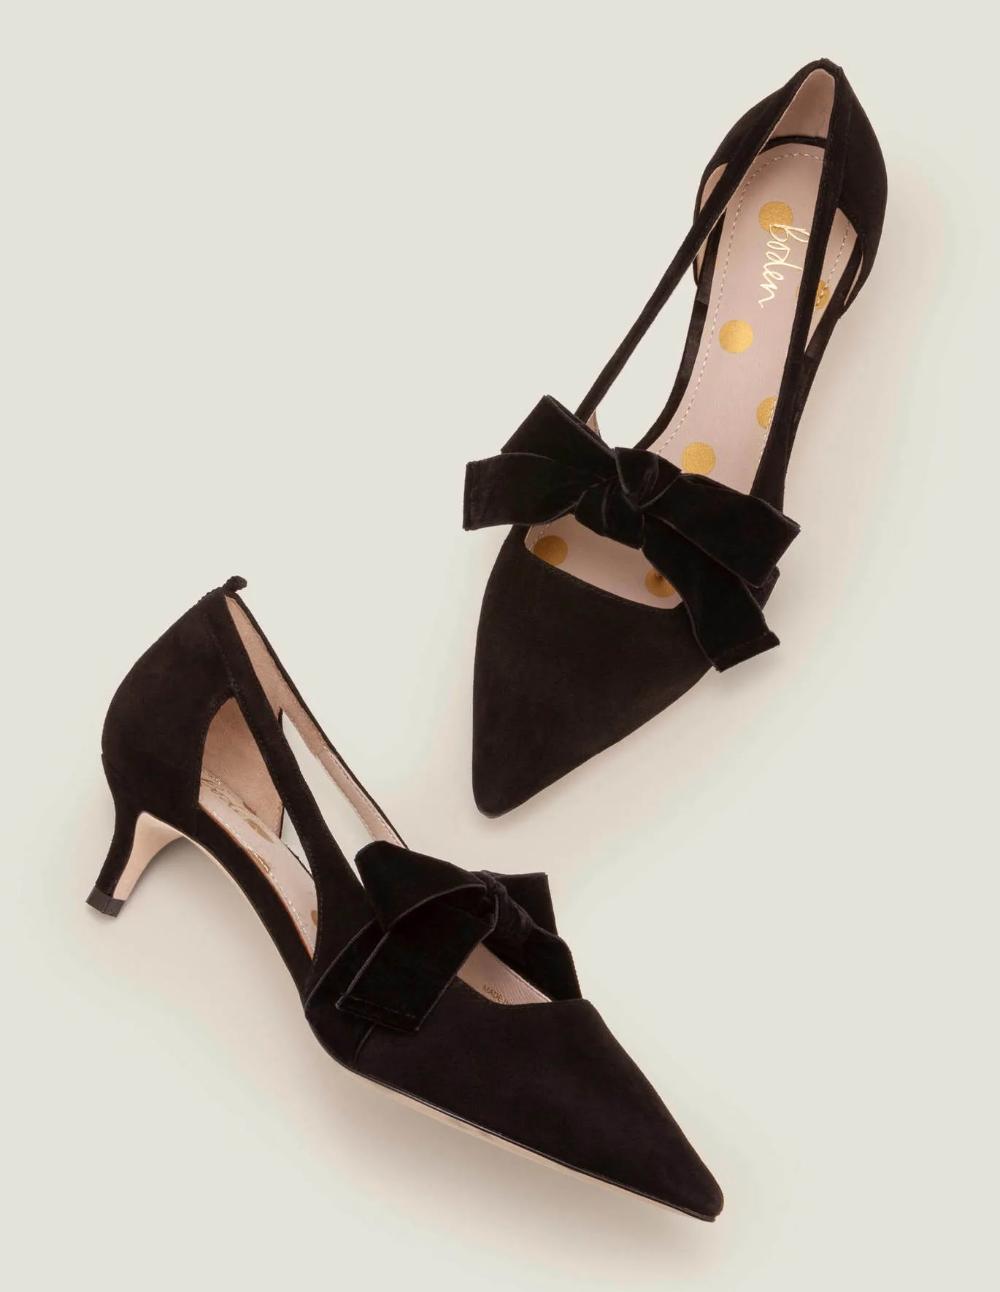 Robyn Kitten Heels Black Heels Black Kitten Heels Kitten Heels